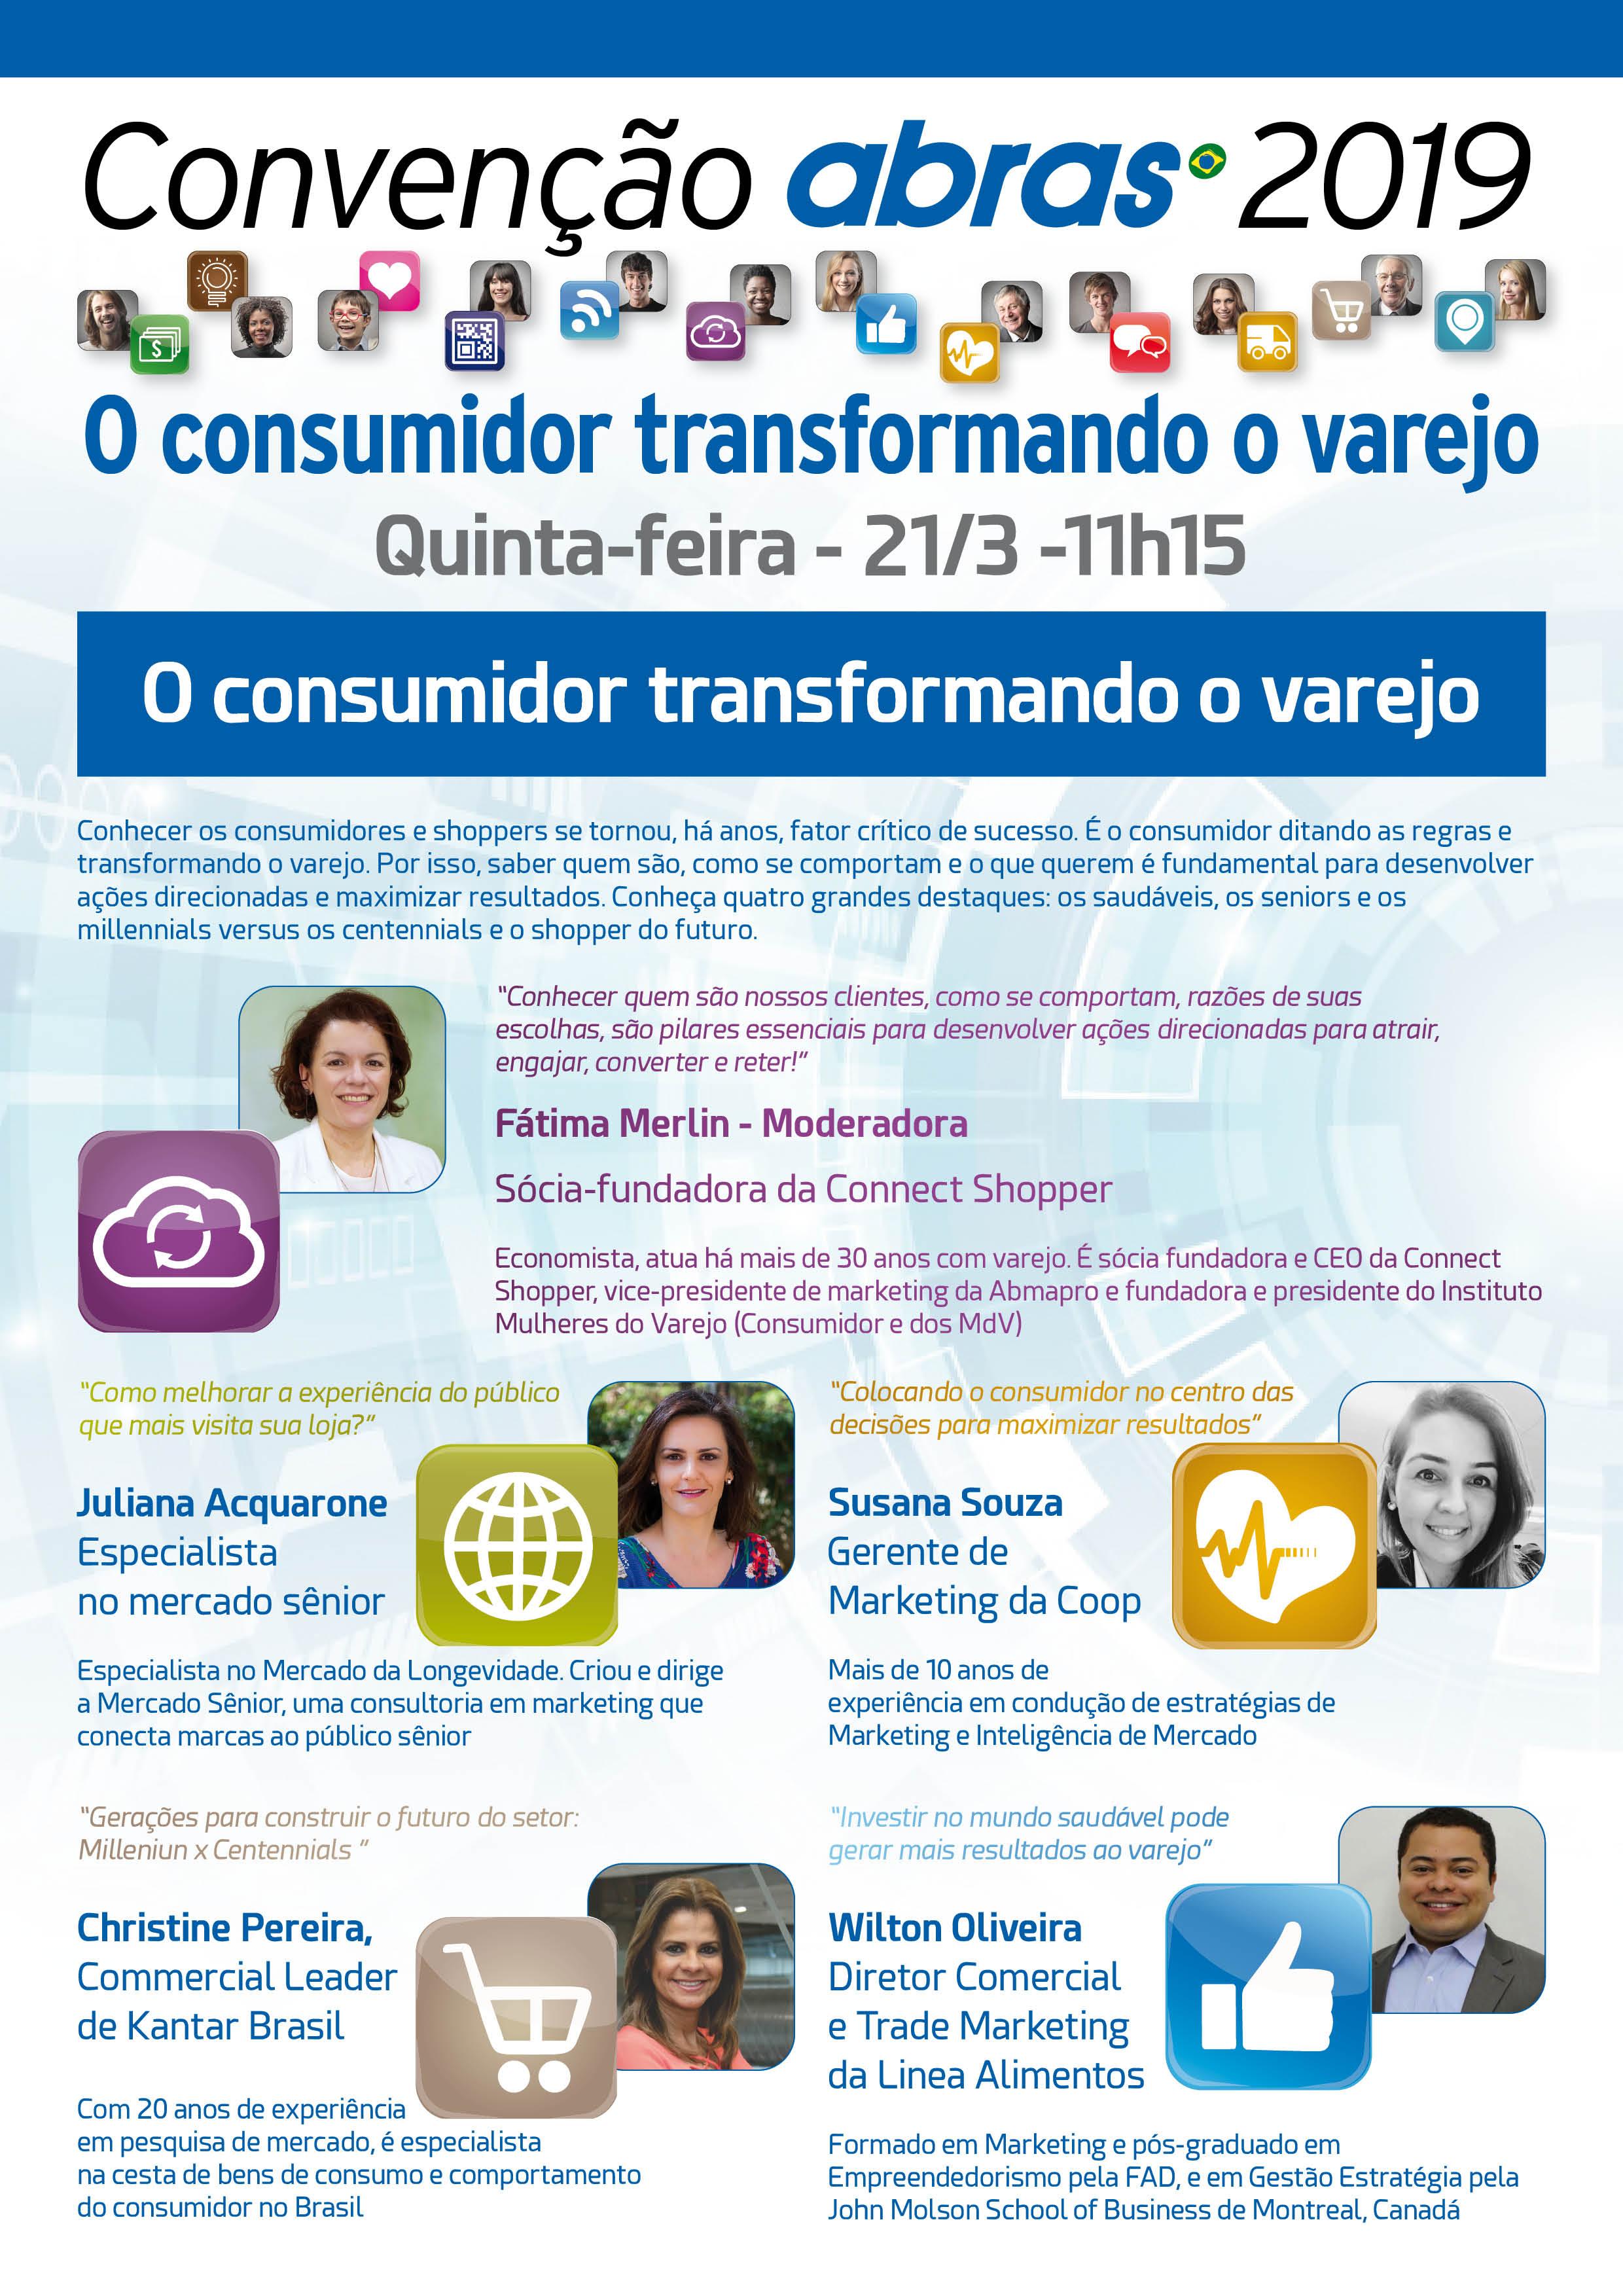 7dbf81a6b Painel do dia 21 de março debaterá tema central da Convenção ABRAS 2019